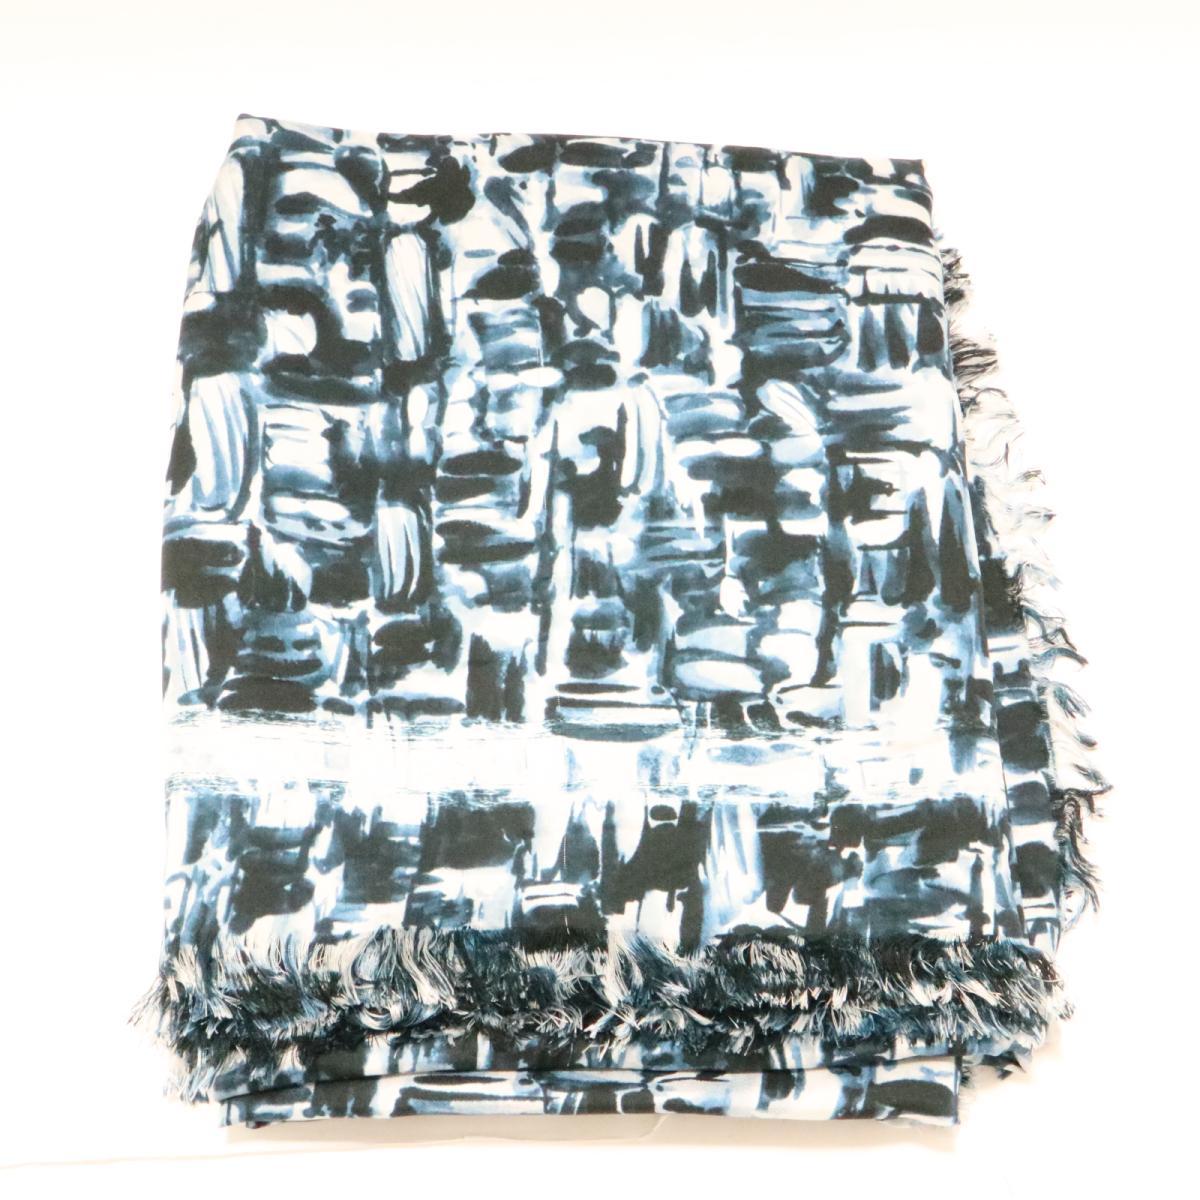 【中古】 シャネル ストール スカーフ レディース シルク ブルー x ホワイト | CHANEL ストール 美品 ブランドオフ